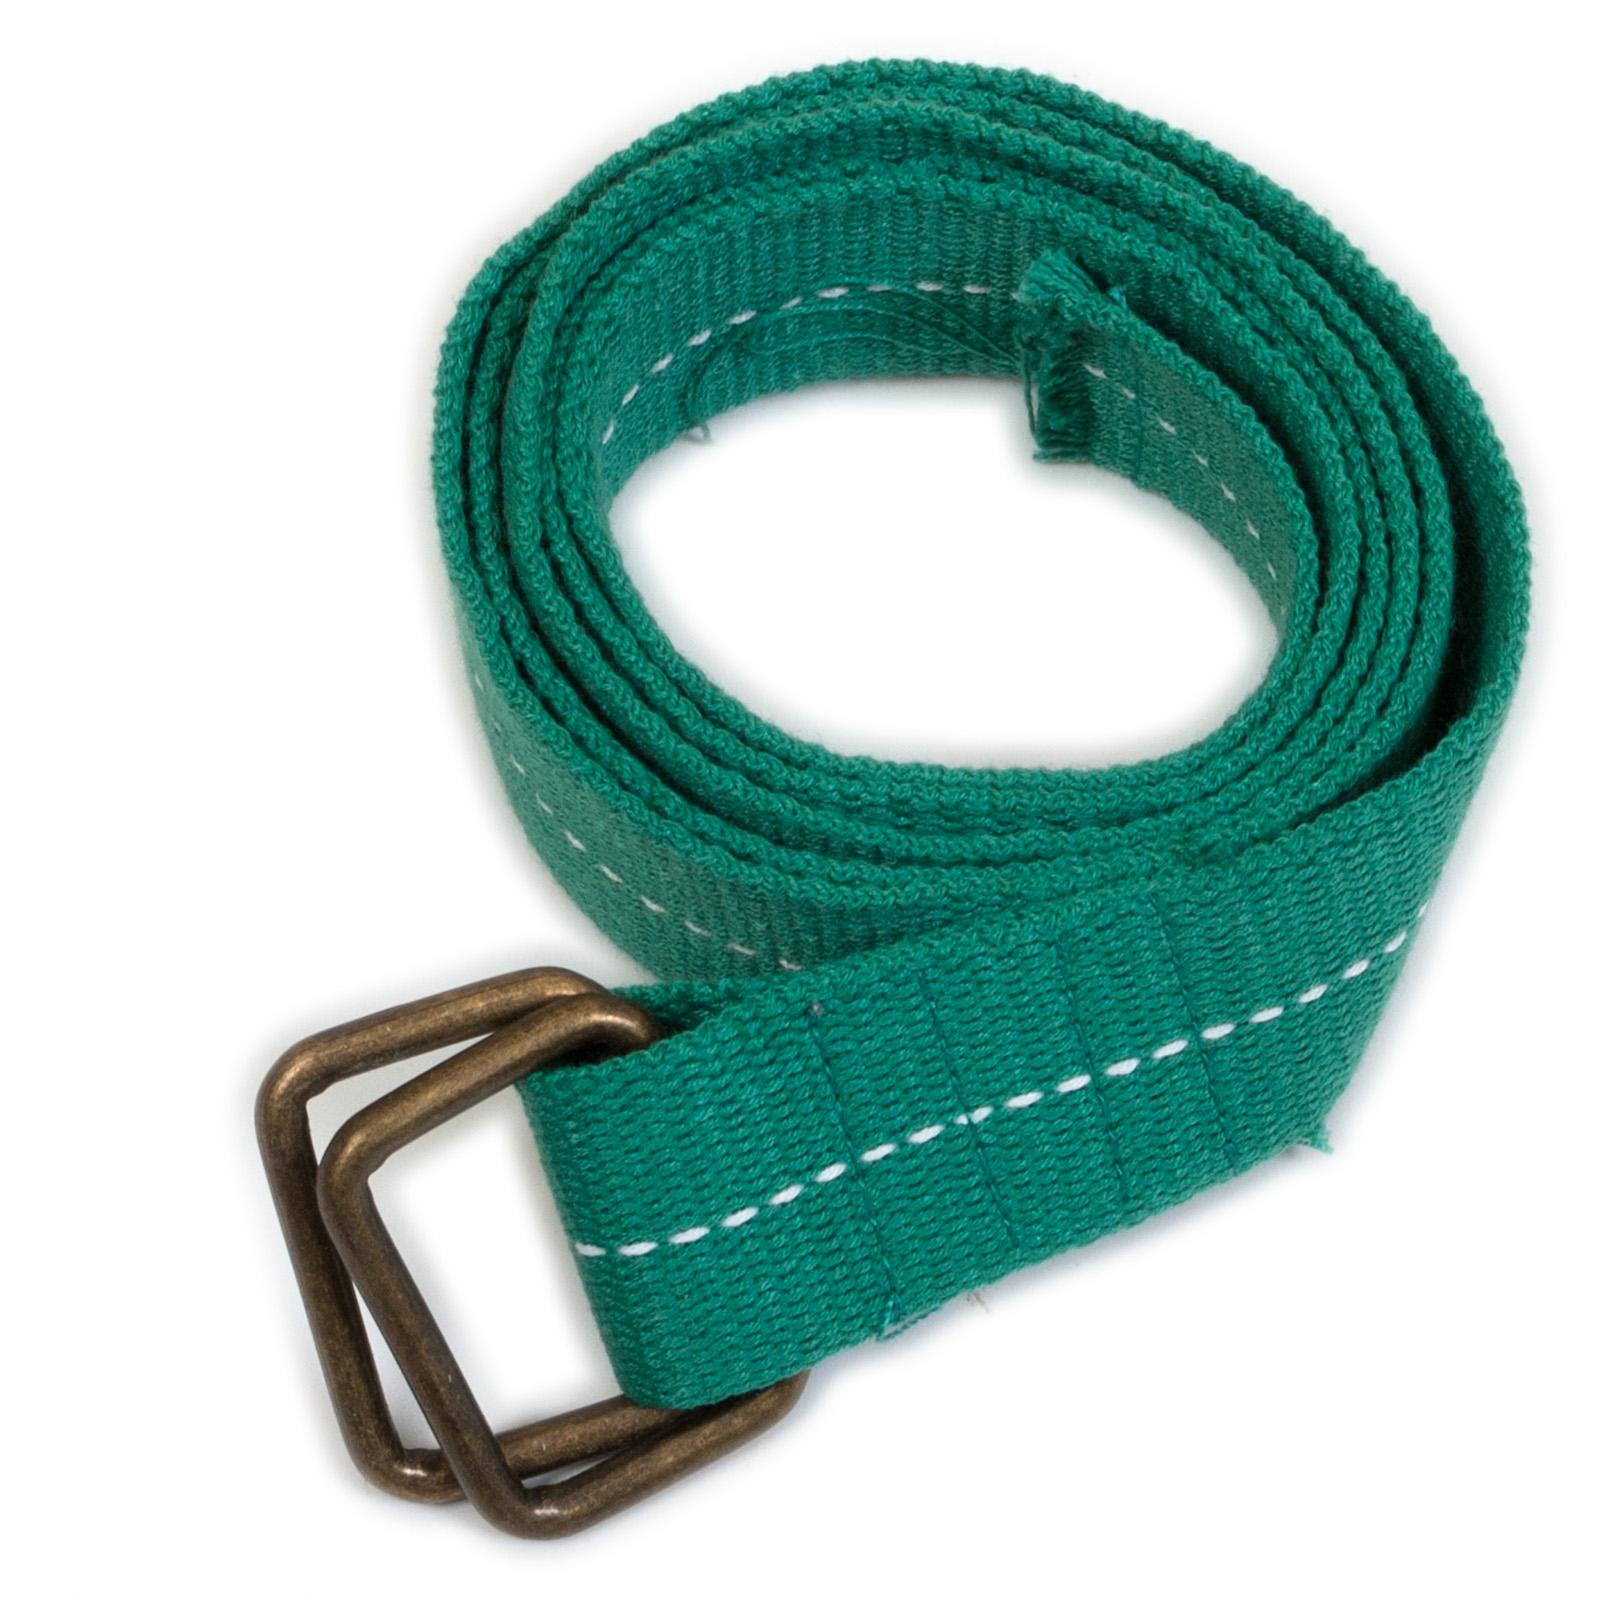 Текстильный ремень зеленый - купить онлайн